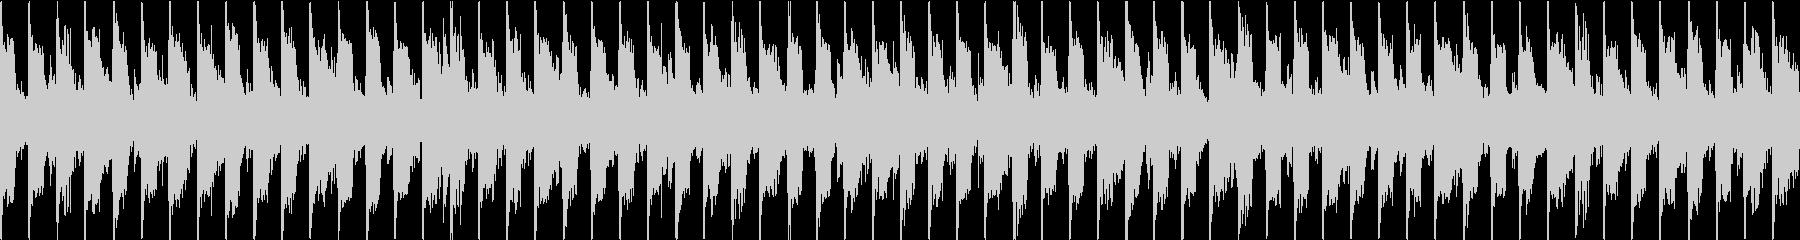 ダークなシンセサイザーのループの未再生の波形